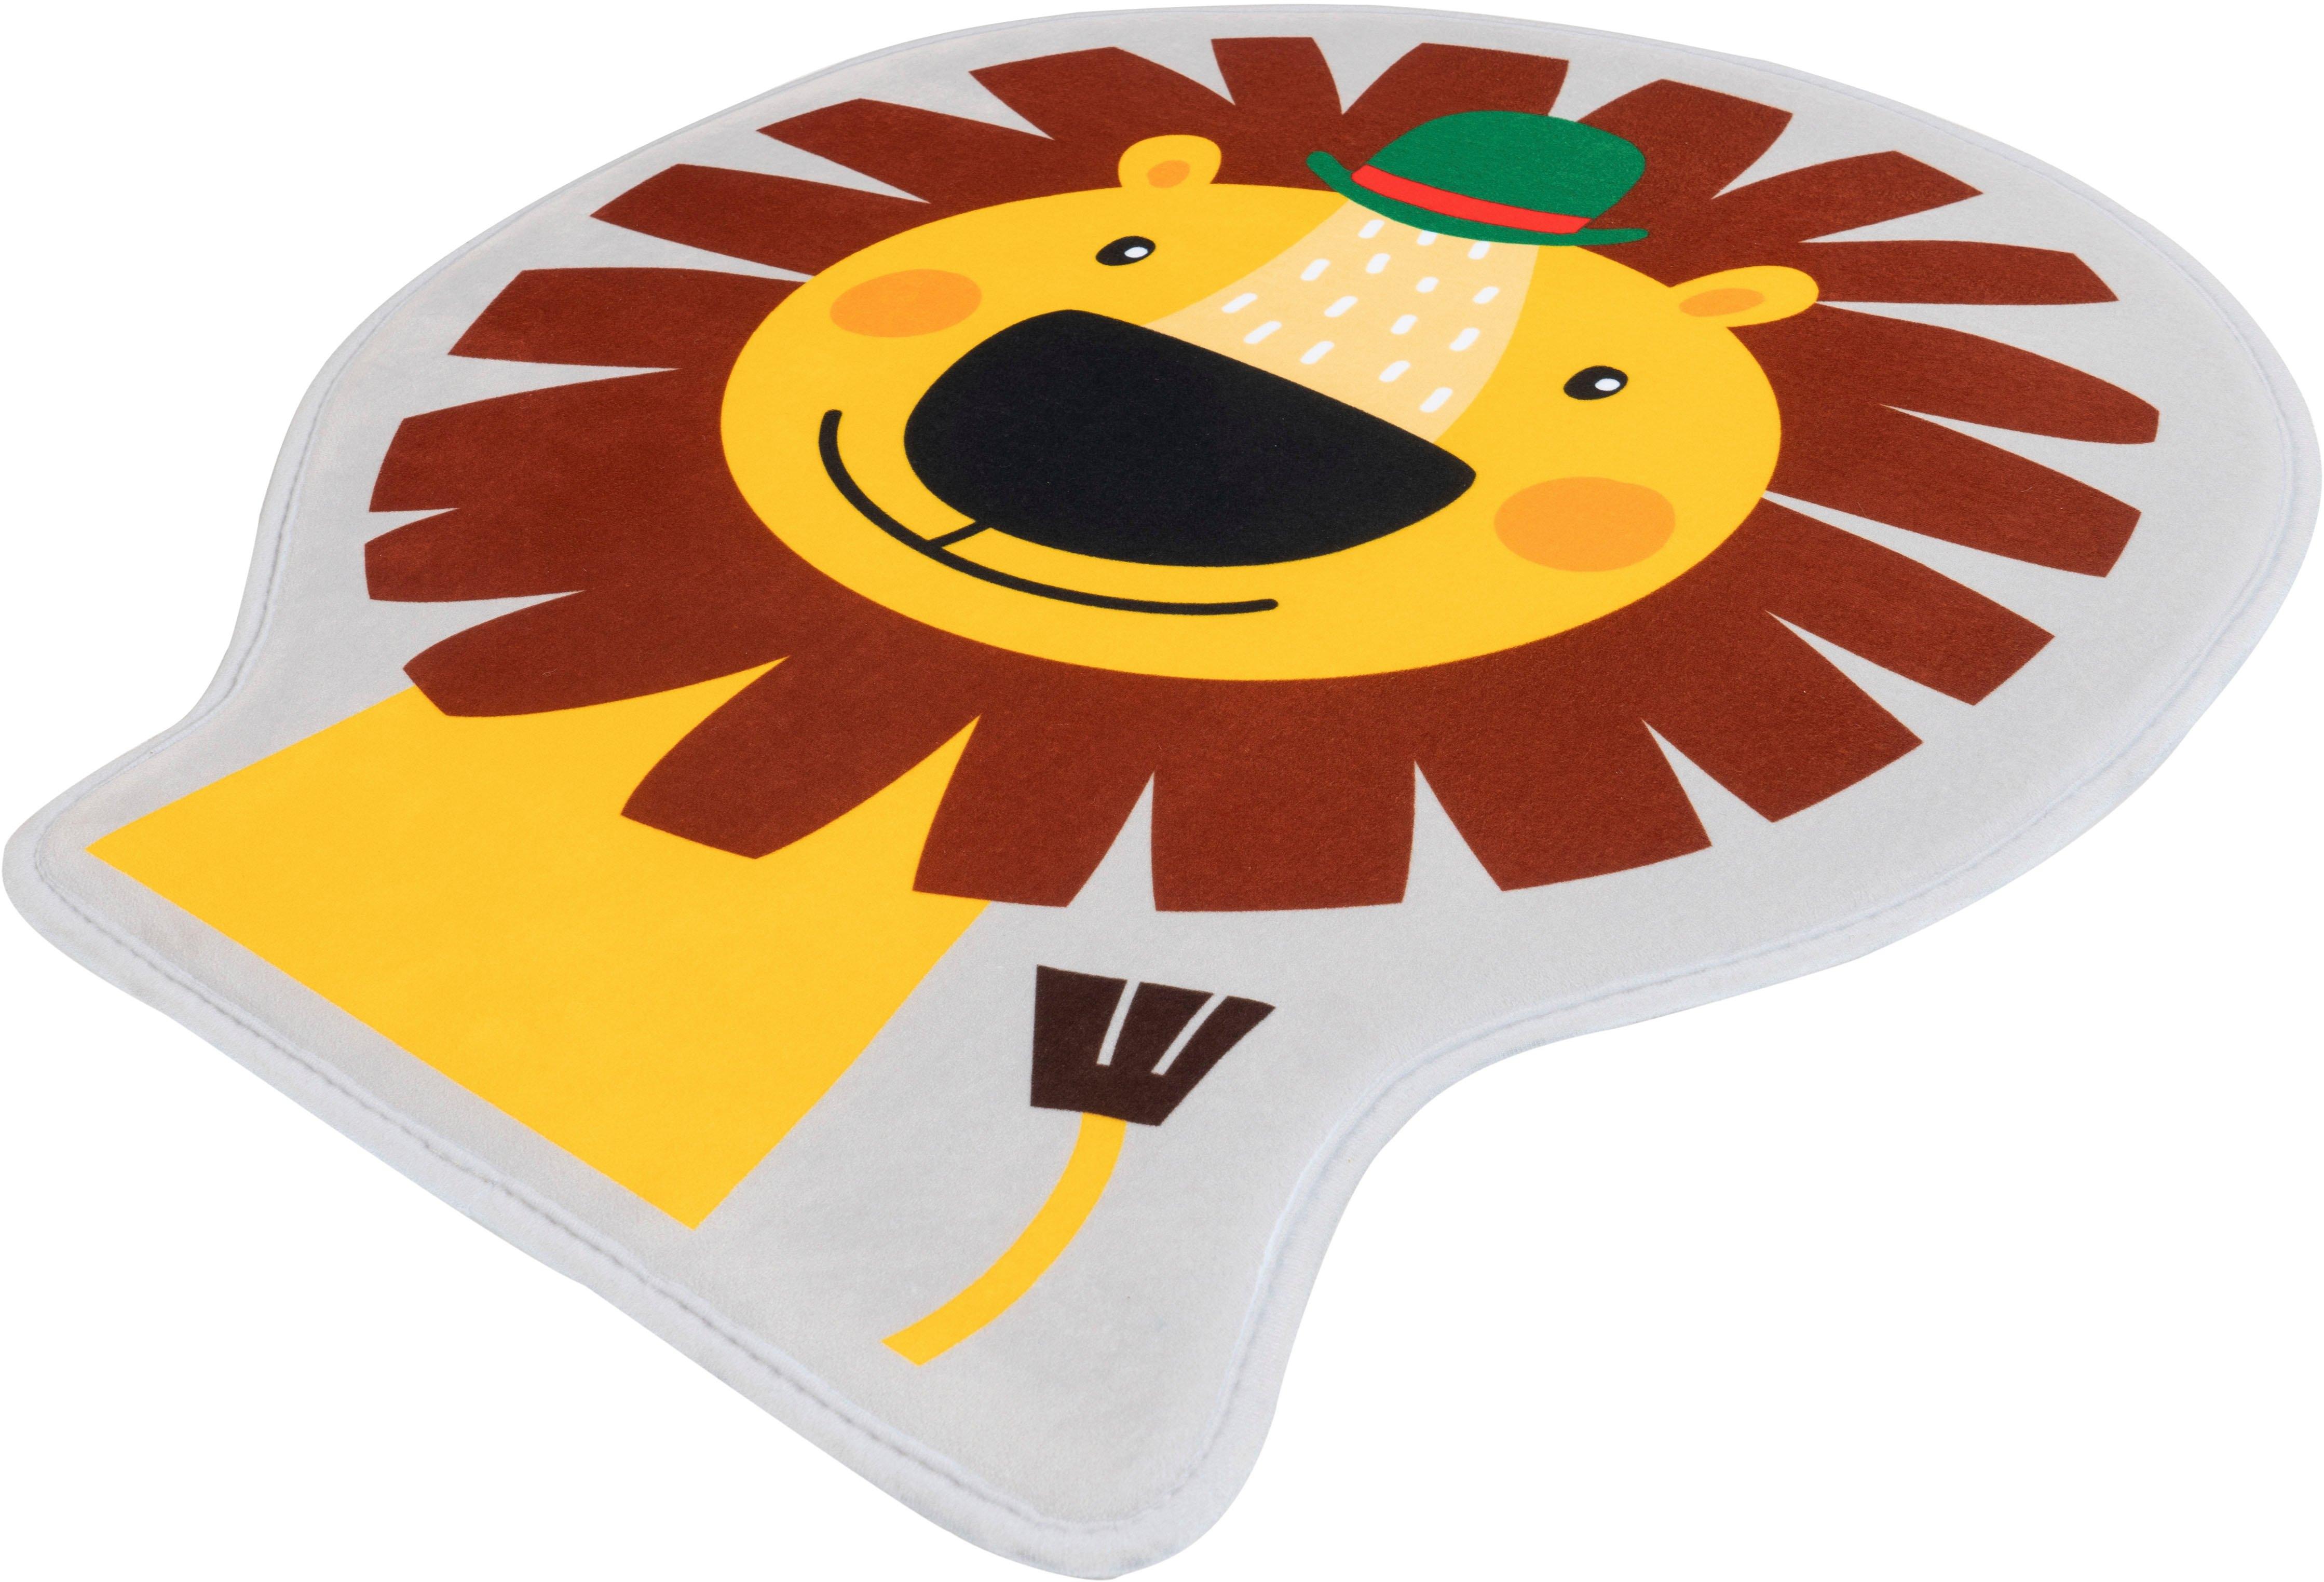 Obsession vloerkleed voor de kinderkamer My Mila Kids 148 Motief leeuw, wasbaar, kinderkamer bestellen: 30 dagen bedenktijd